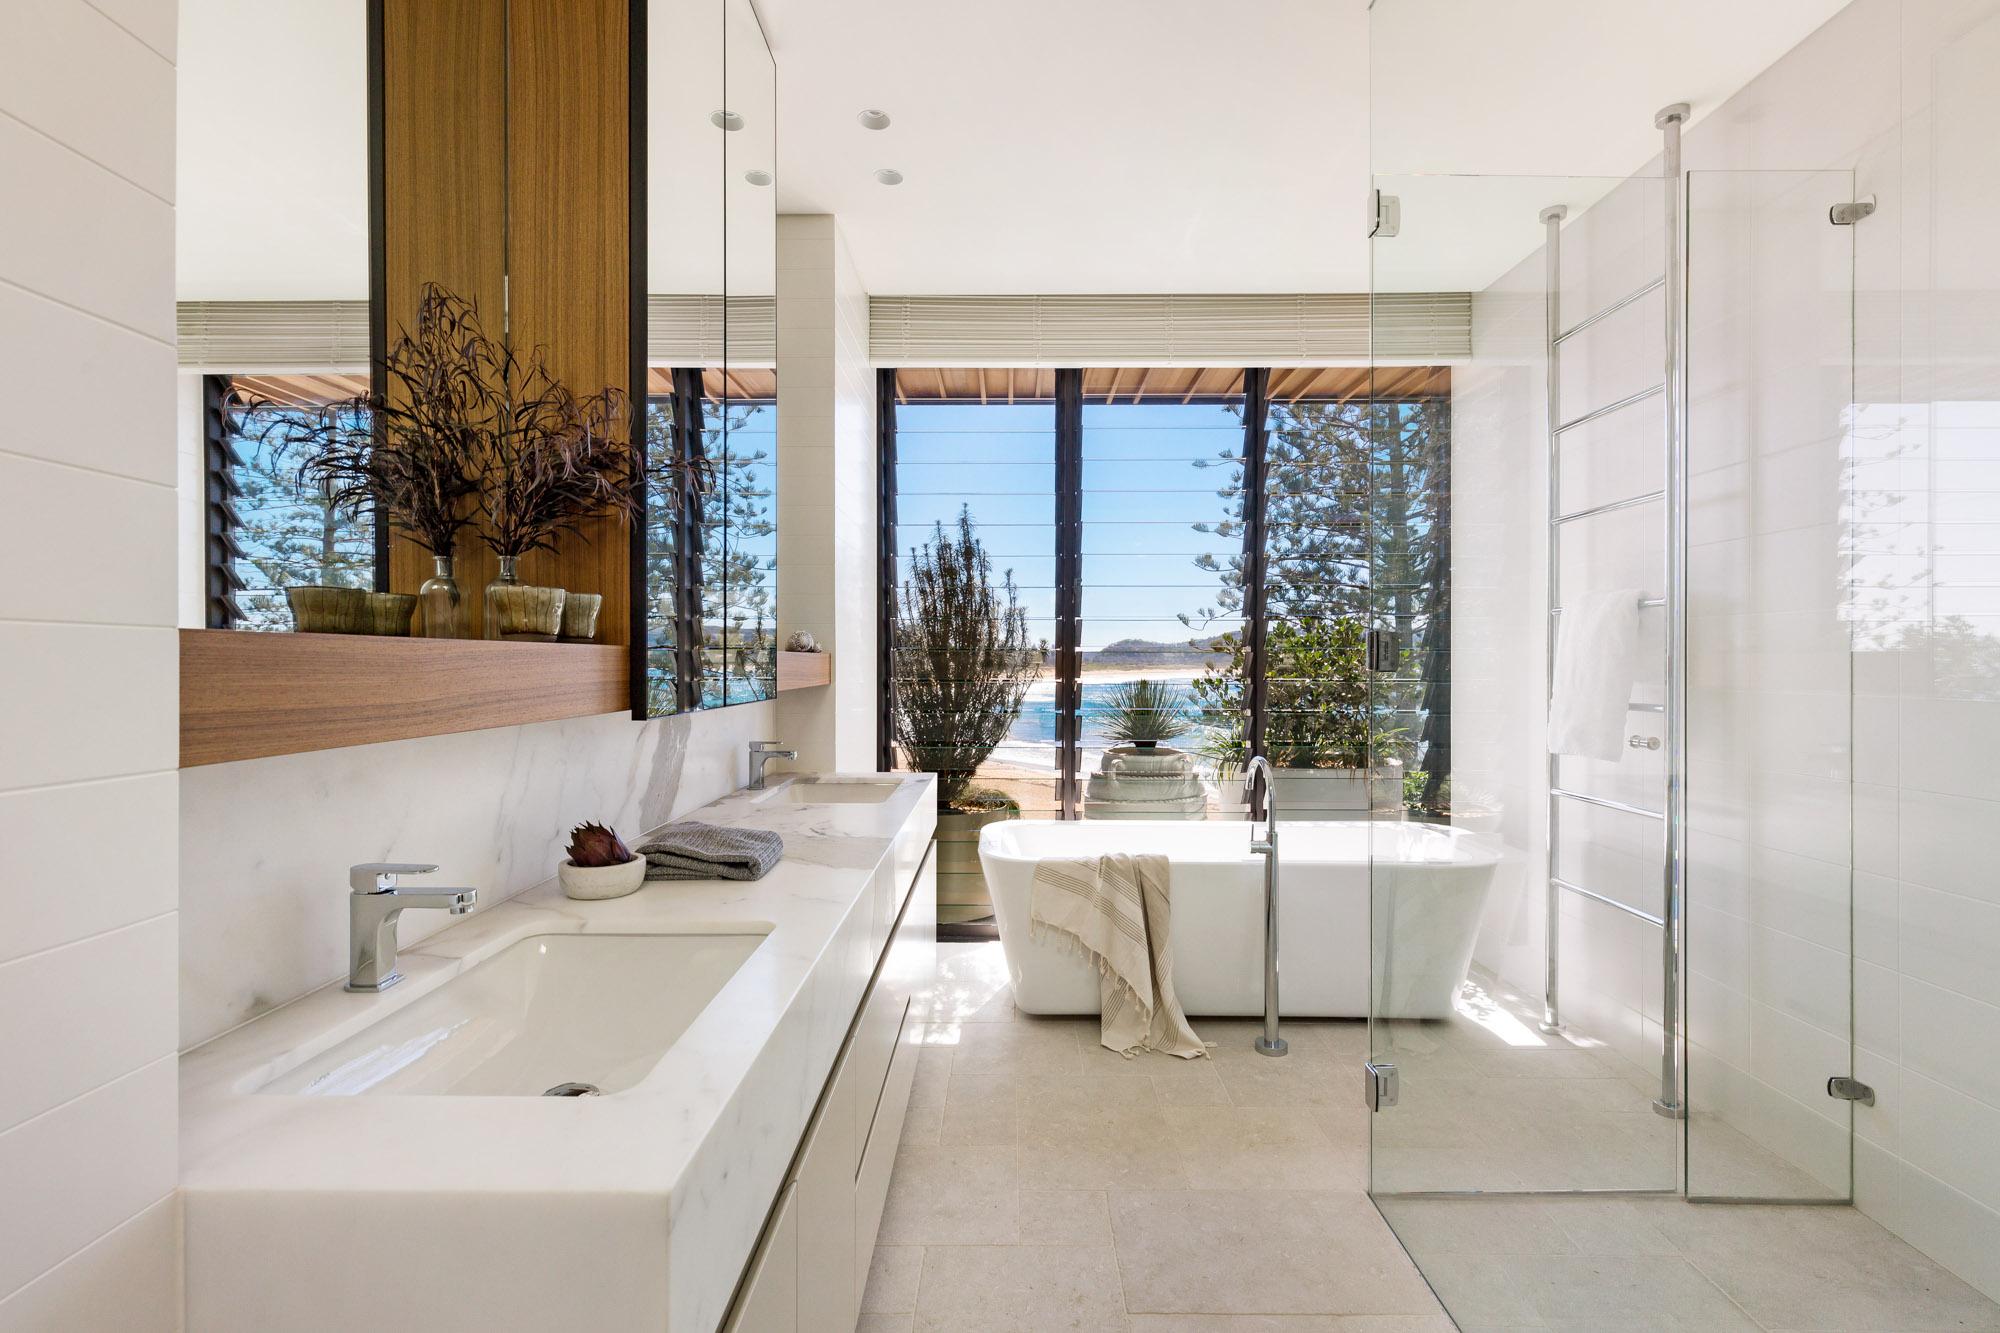 CADENCE AND CO-PALM BEACG-APRIL 2018 - Bathroom.JPG